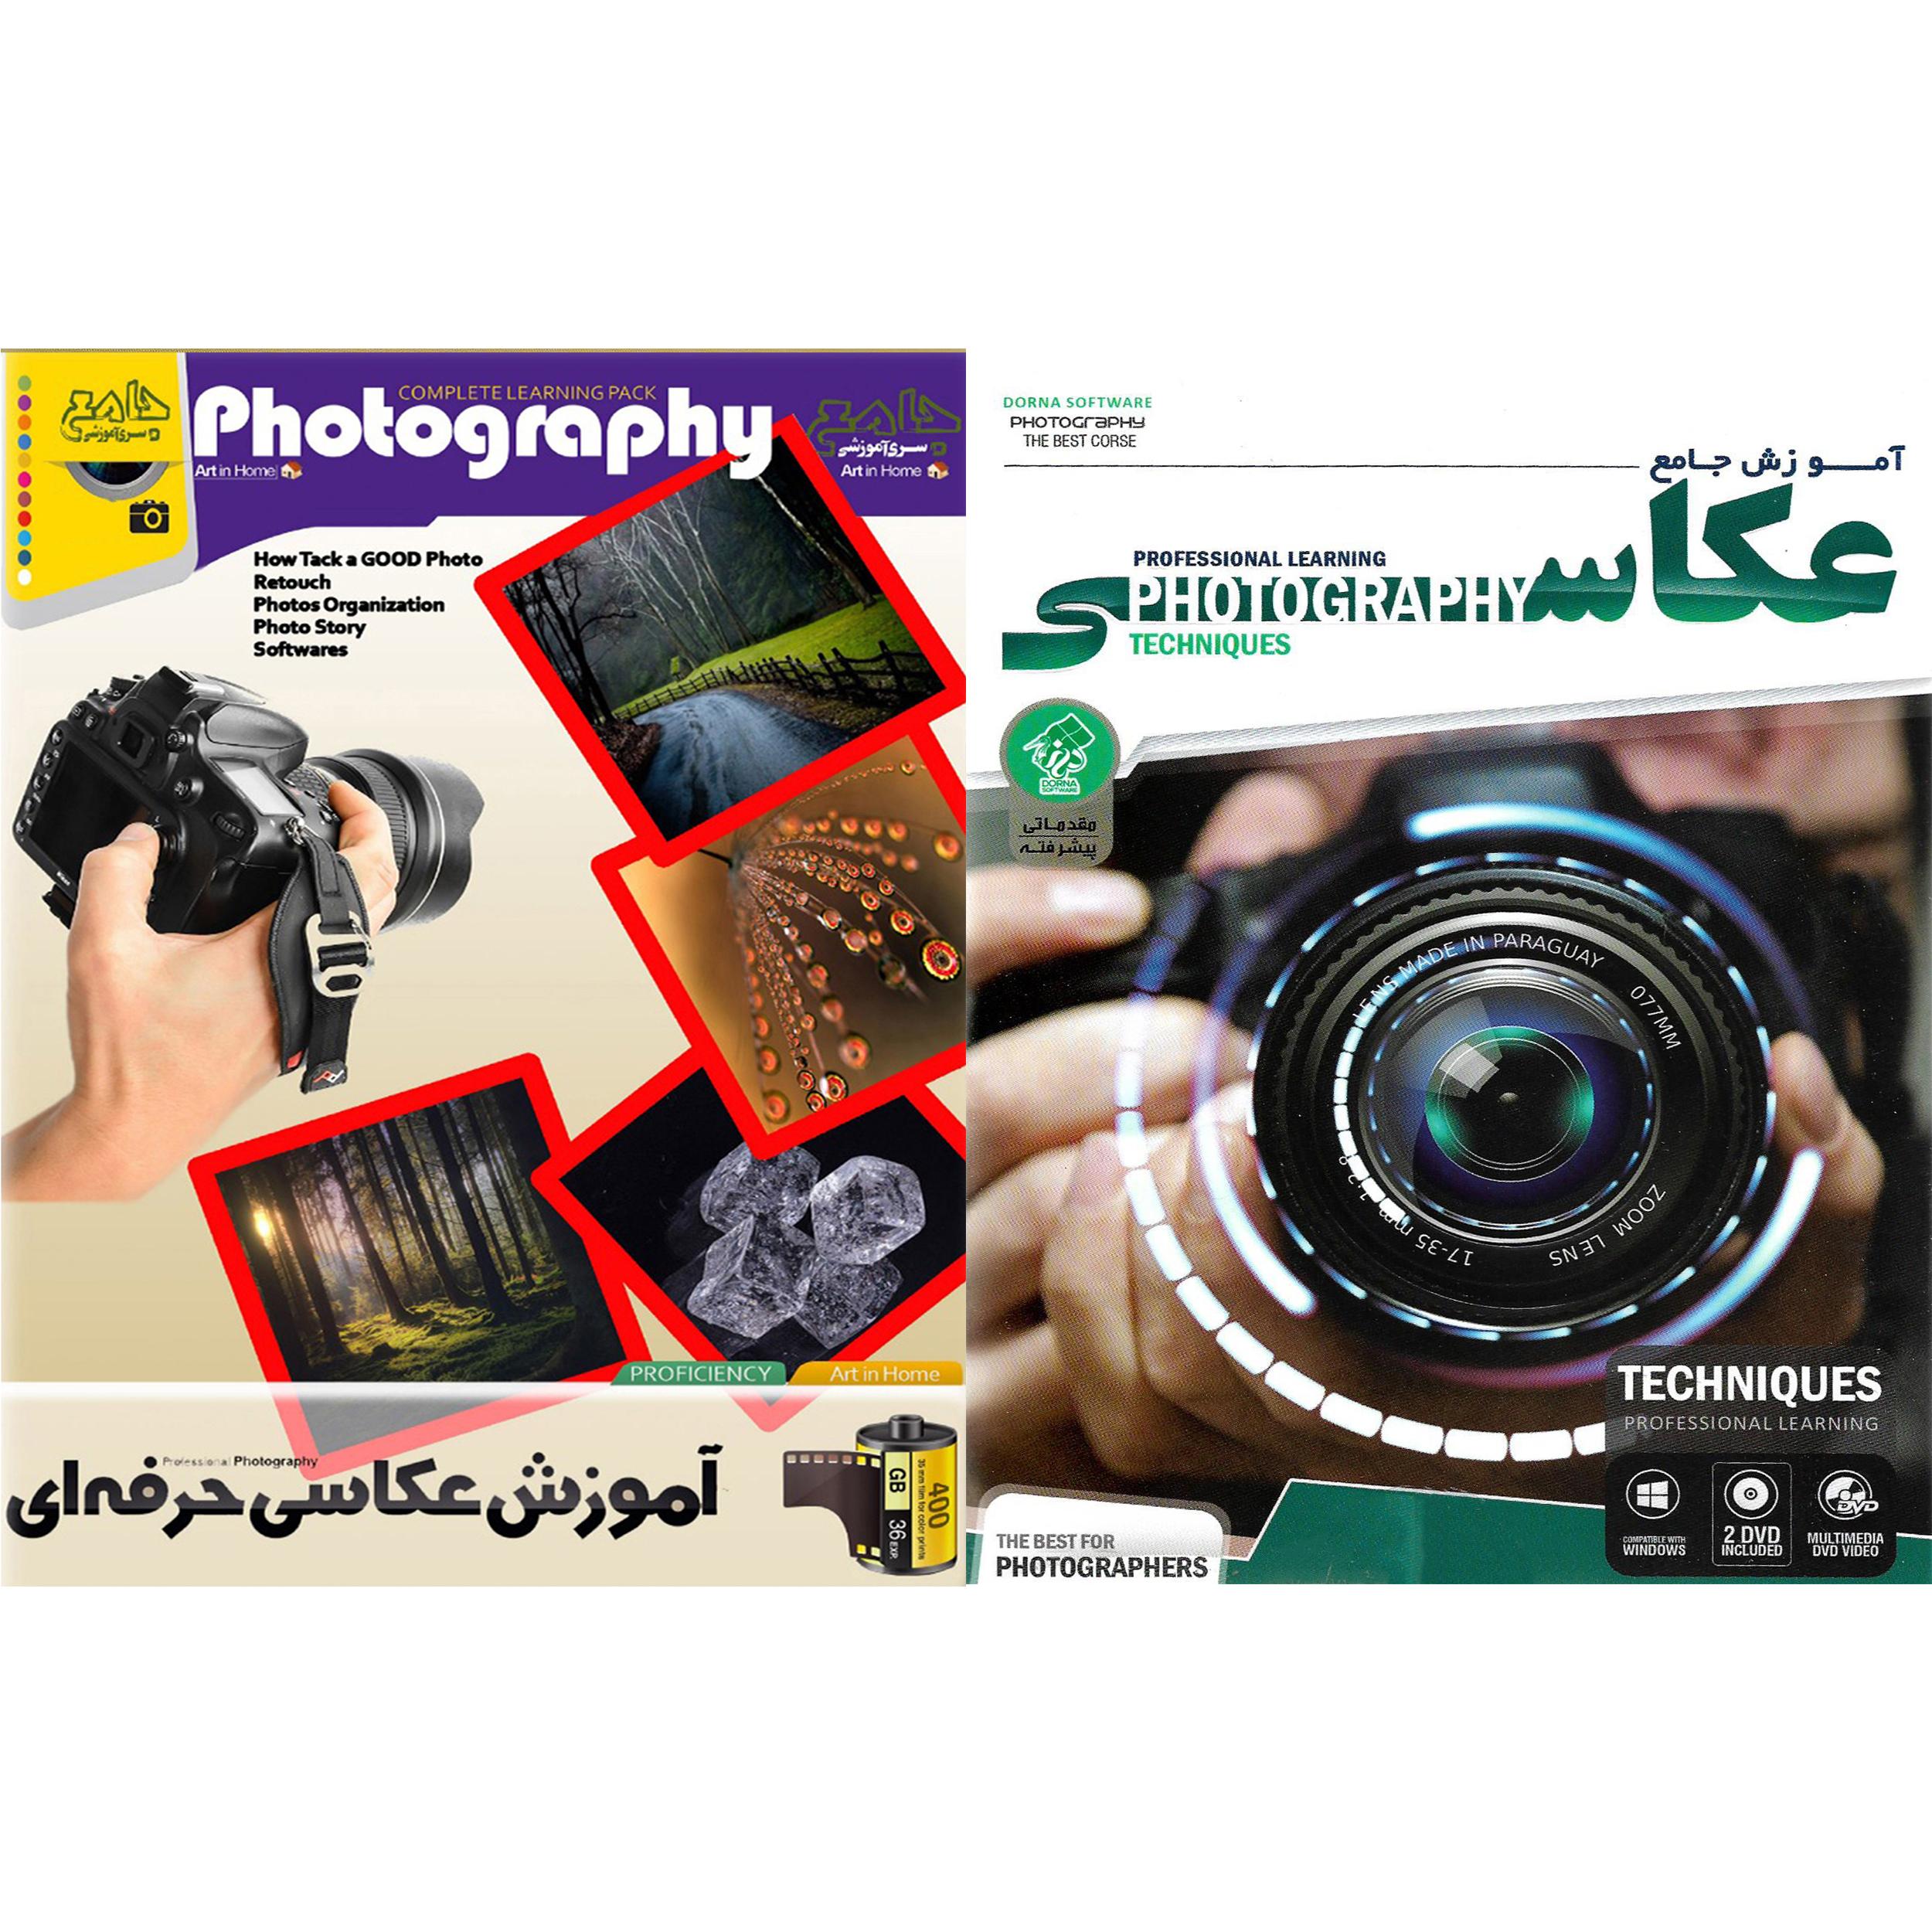 نرم افزار آموزش جامع عکاسی نشر درنا به همراه نرم افزار آموزش عکاسی حرفه ای نشر موسسه فرهنگی دیجیتال پاناپرداز آریا